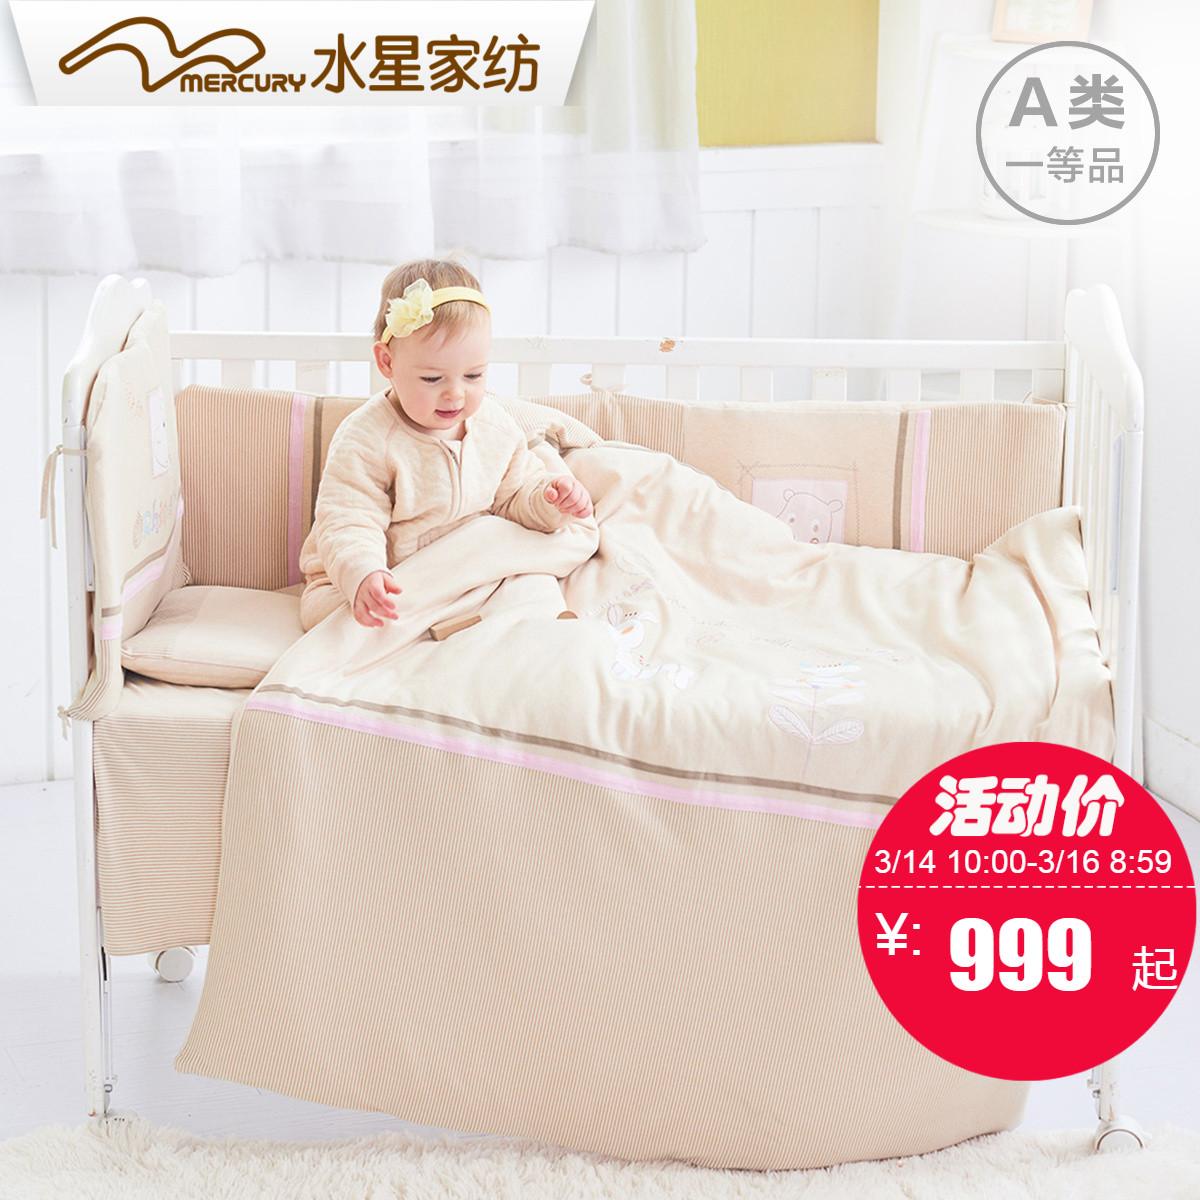 Вода звезда домой спин кровать для младенца использование статья восемь частей новорожденных хлопок BABY мама микрофон восемь частей